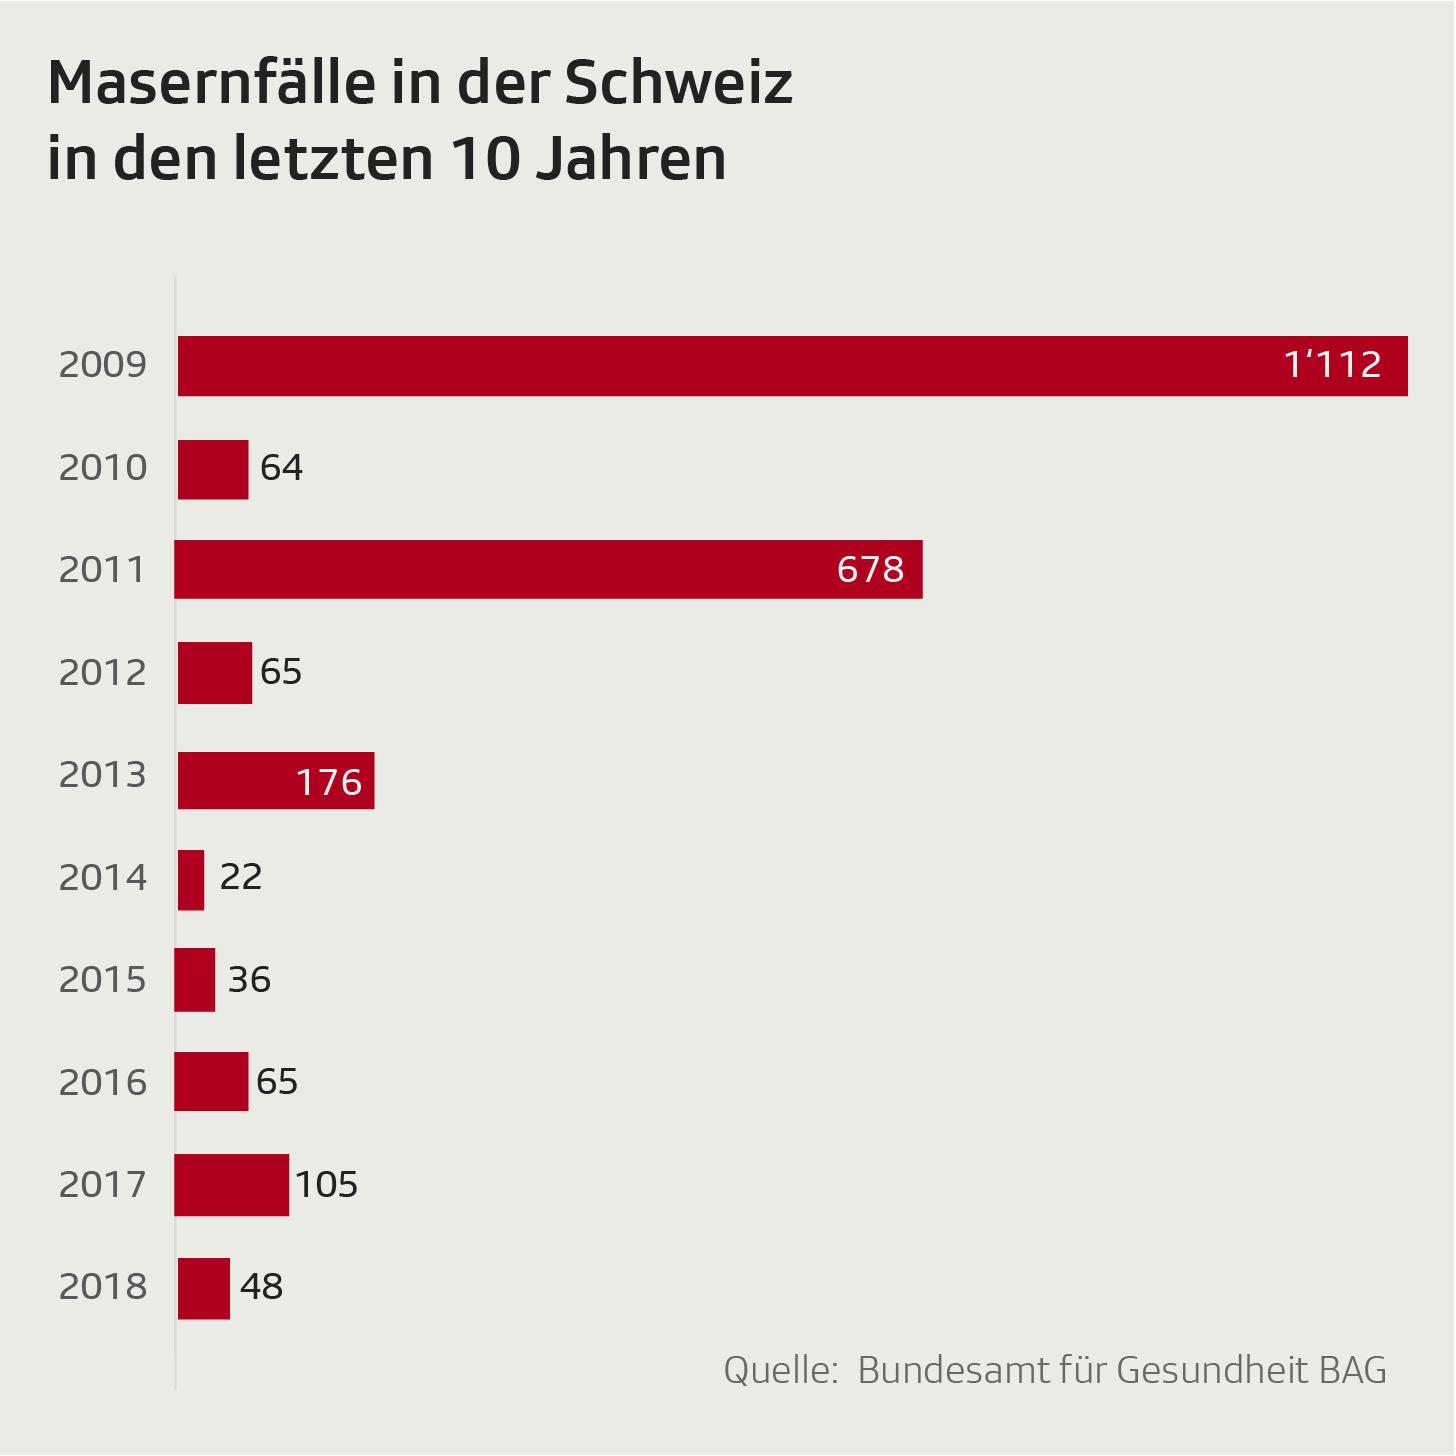 Grafik zeigt Anzahl der Masernfälle in der Schweiz seit 2009